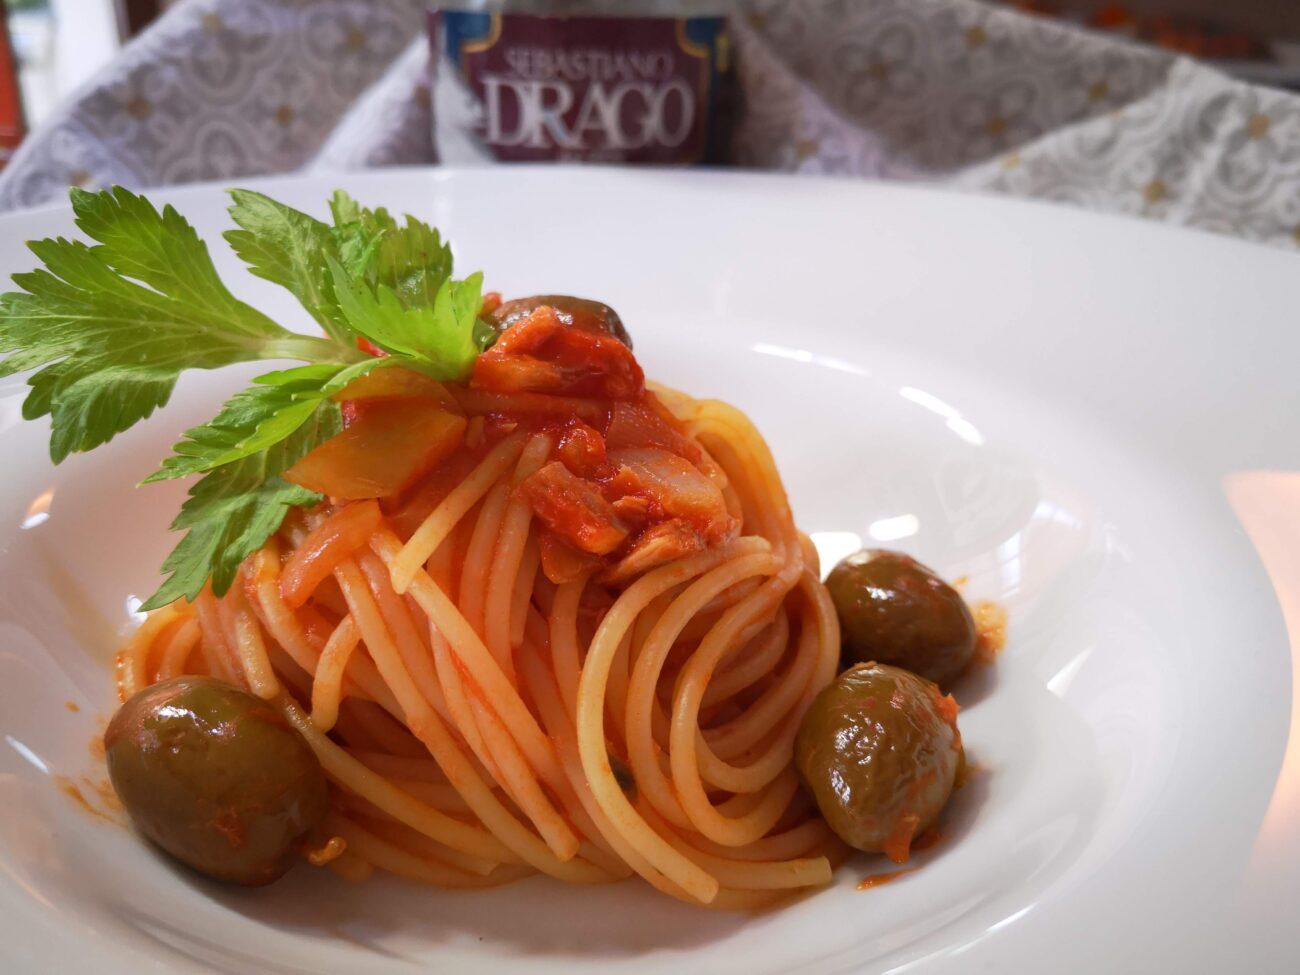 Spaghetto al sugo di tonno e olive verdi